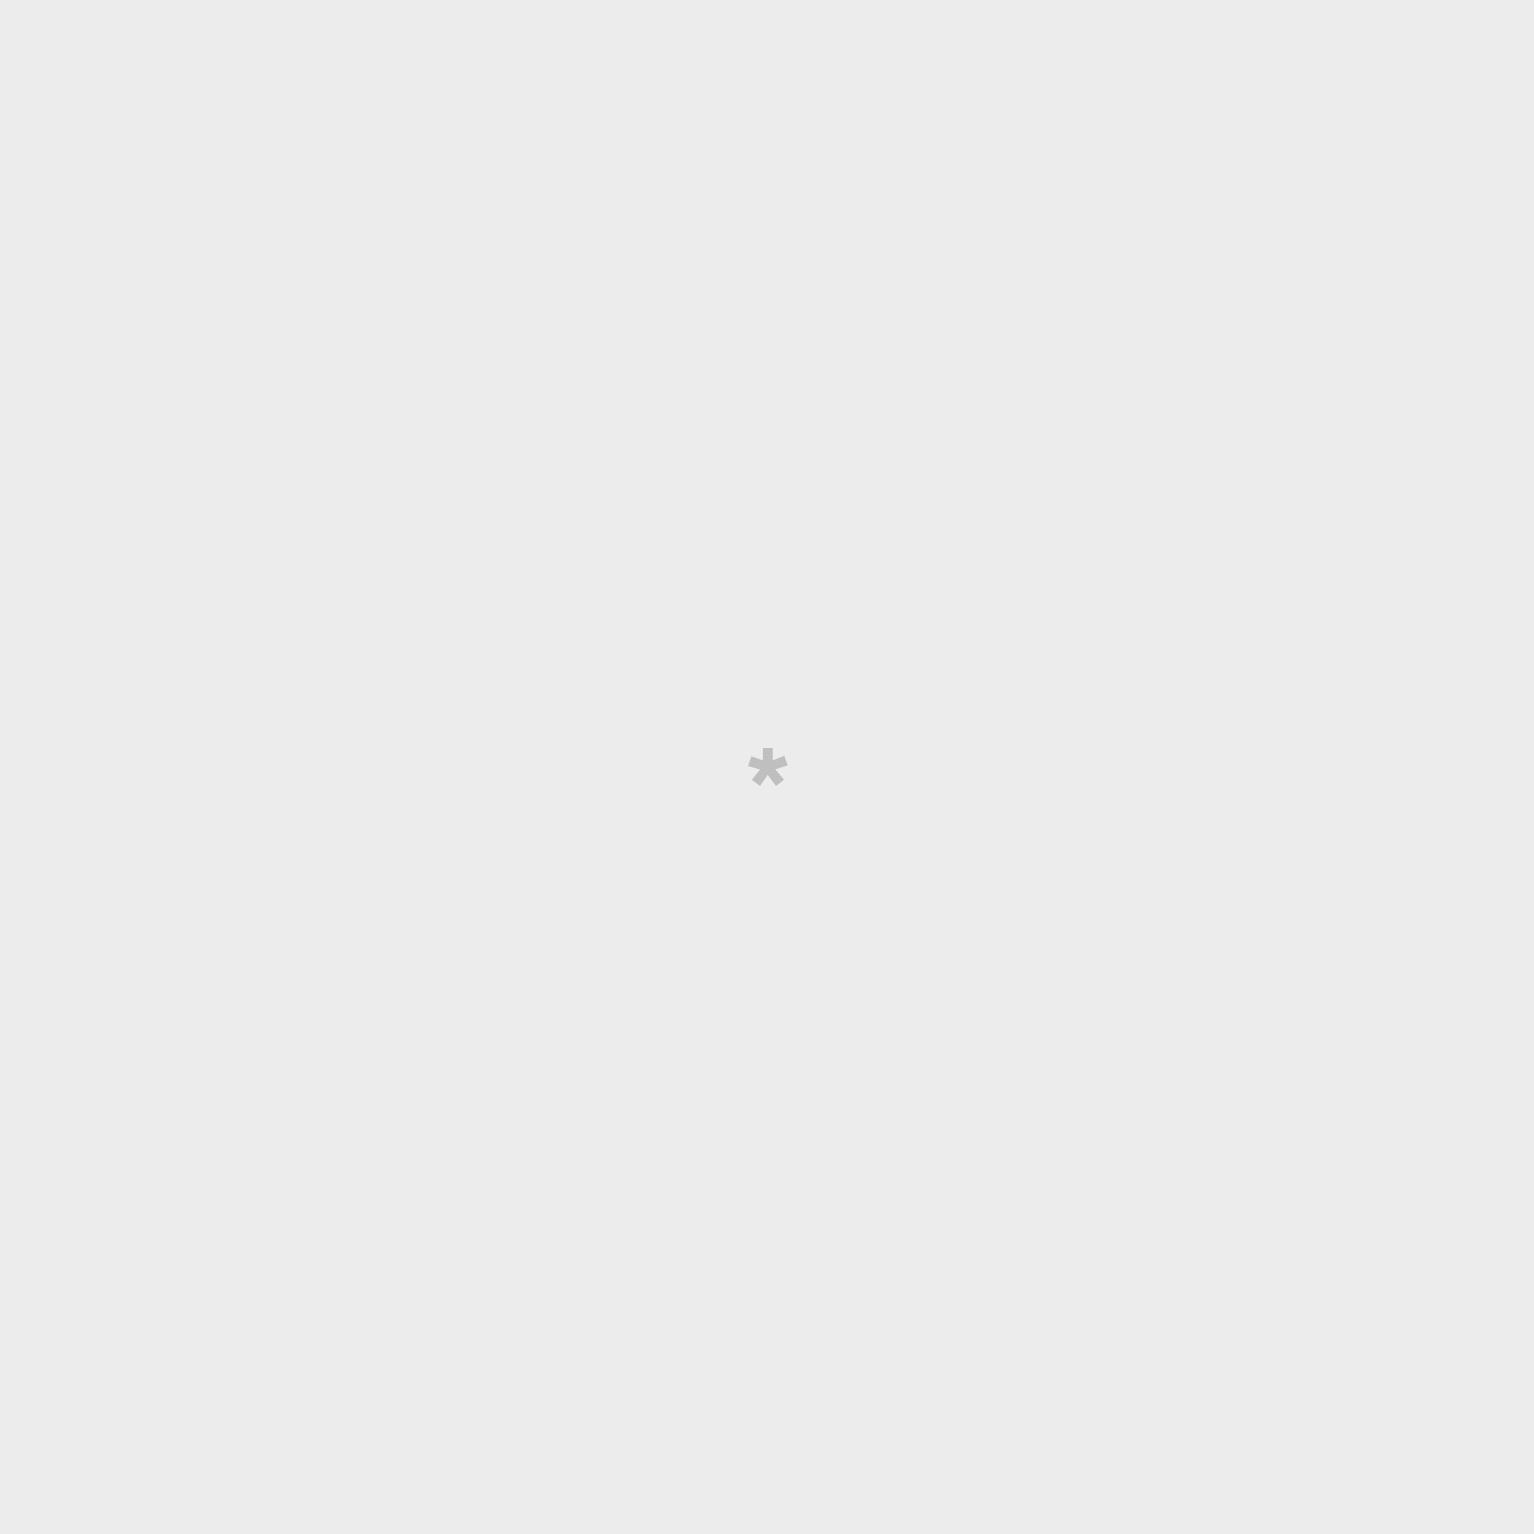 Botella - Alegría, ¡hoy es un gran día!